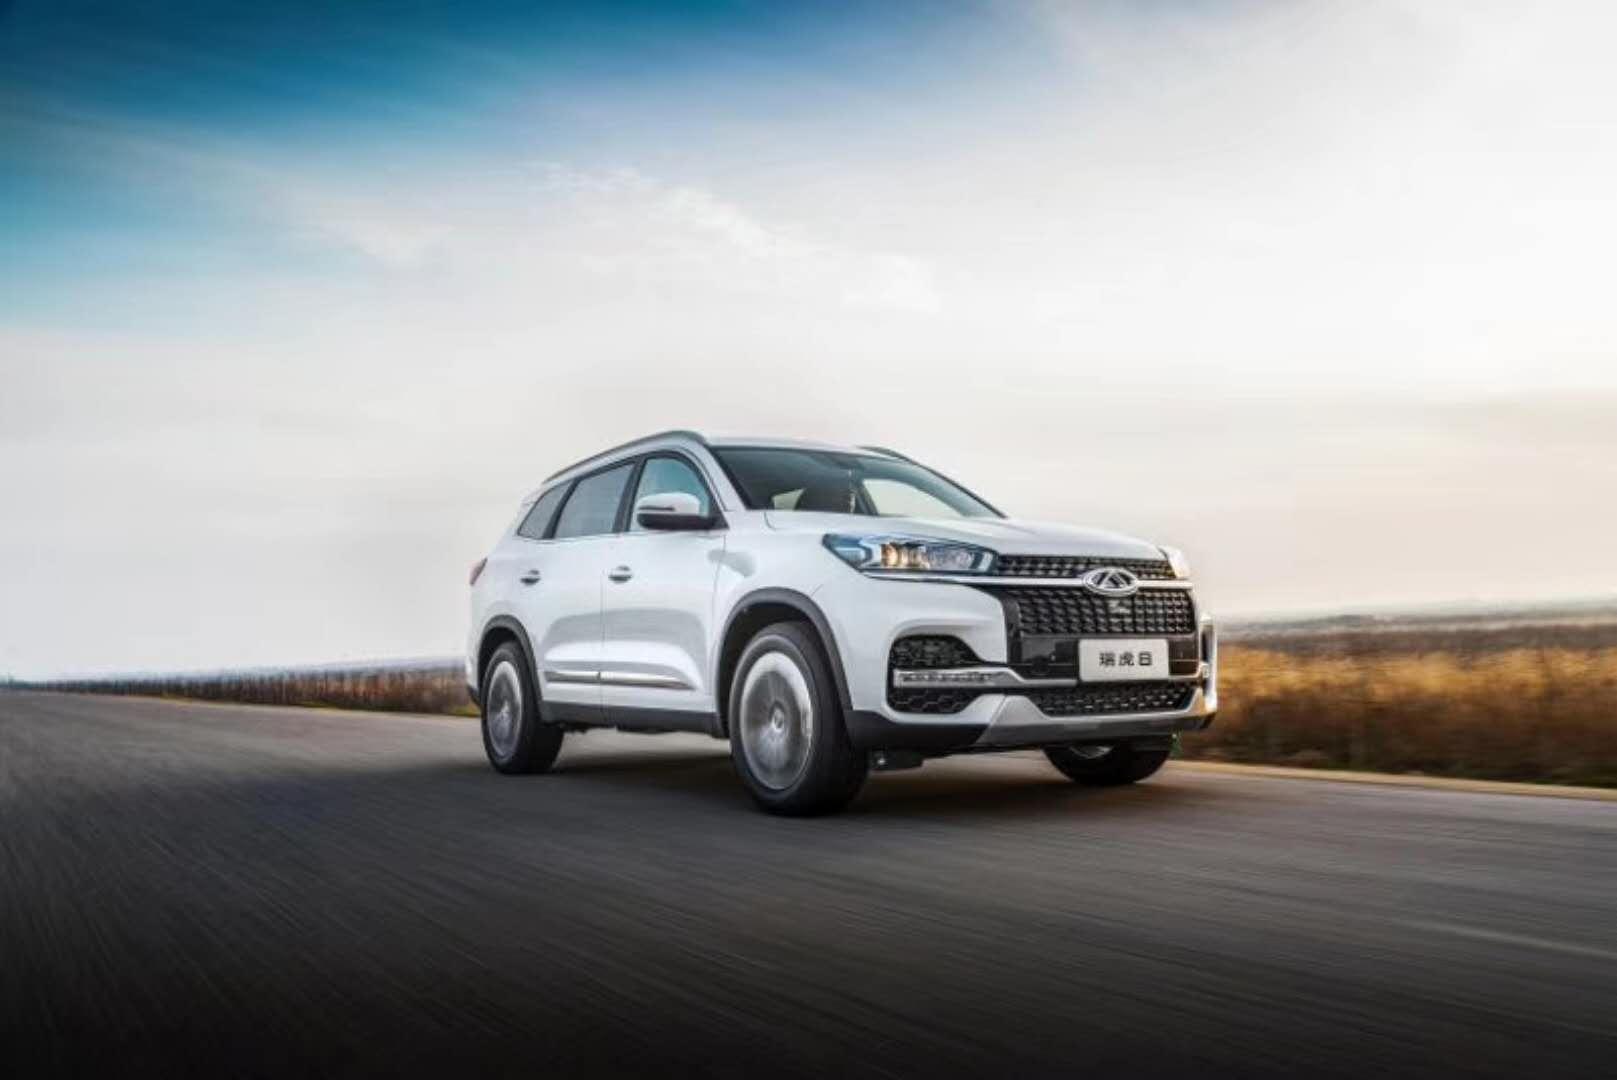 奇瑞北京车展 瑞虎8上市10万起售,新SUV基于5X打造价更低